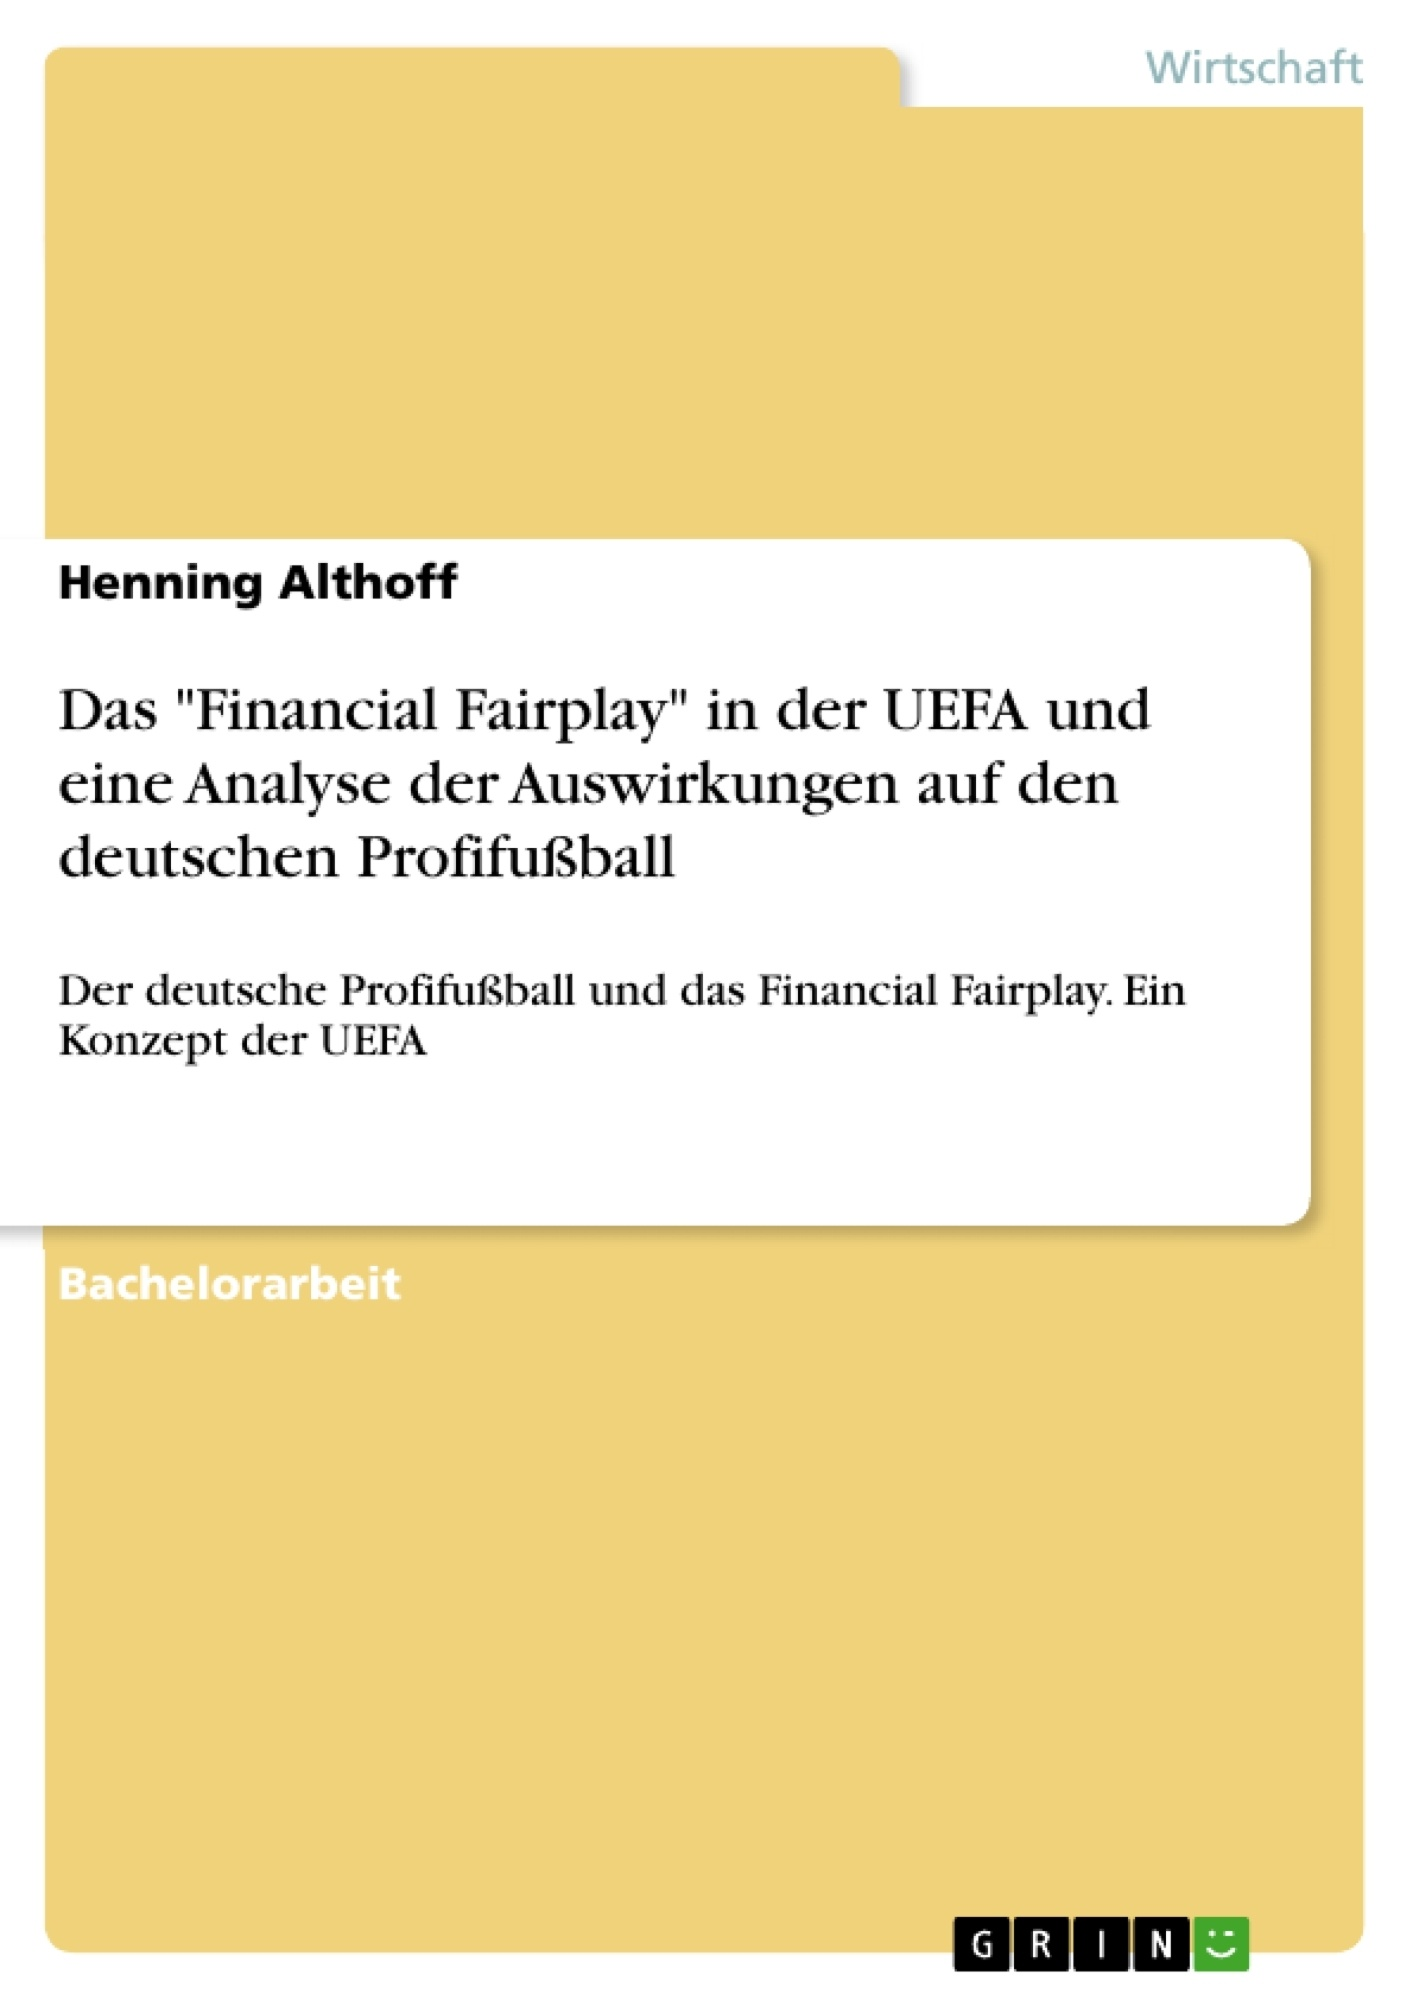 """Titel: Das """"Financial Fairplay"""" in der UEFA und eine Analyse der Auswirkungen auf den deutschen Profifußball"""